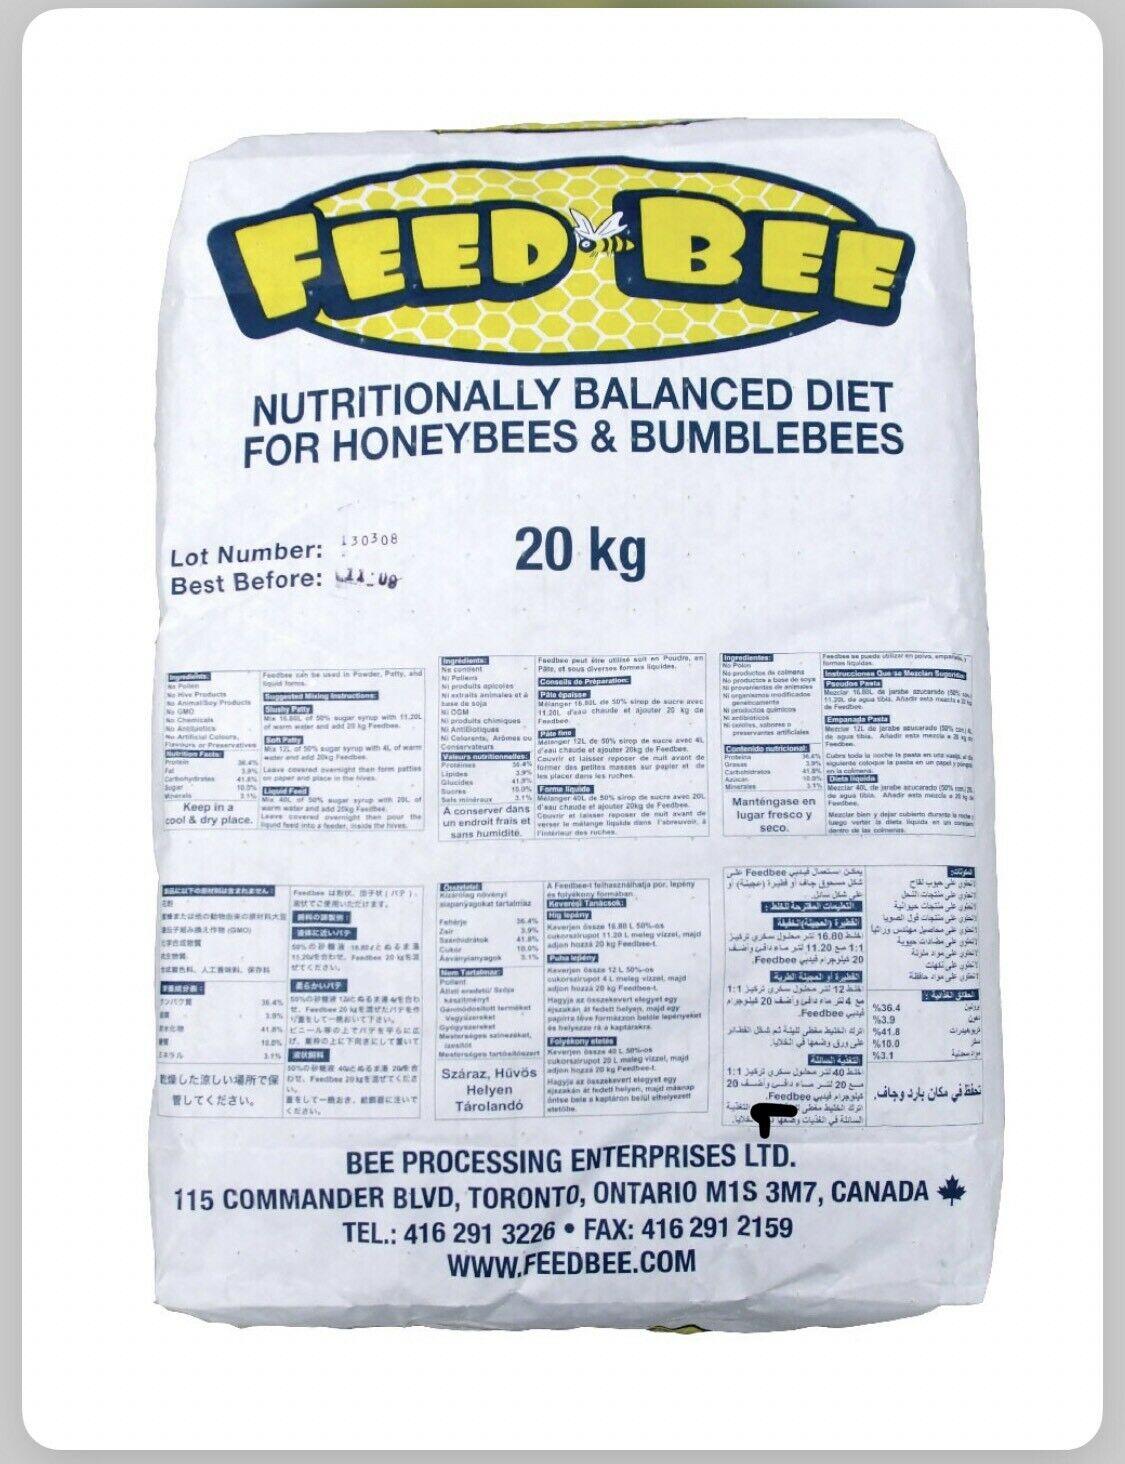 feed-bee-600-0055hNJE45qshIfwU